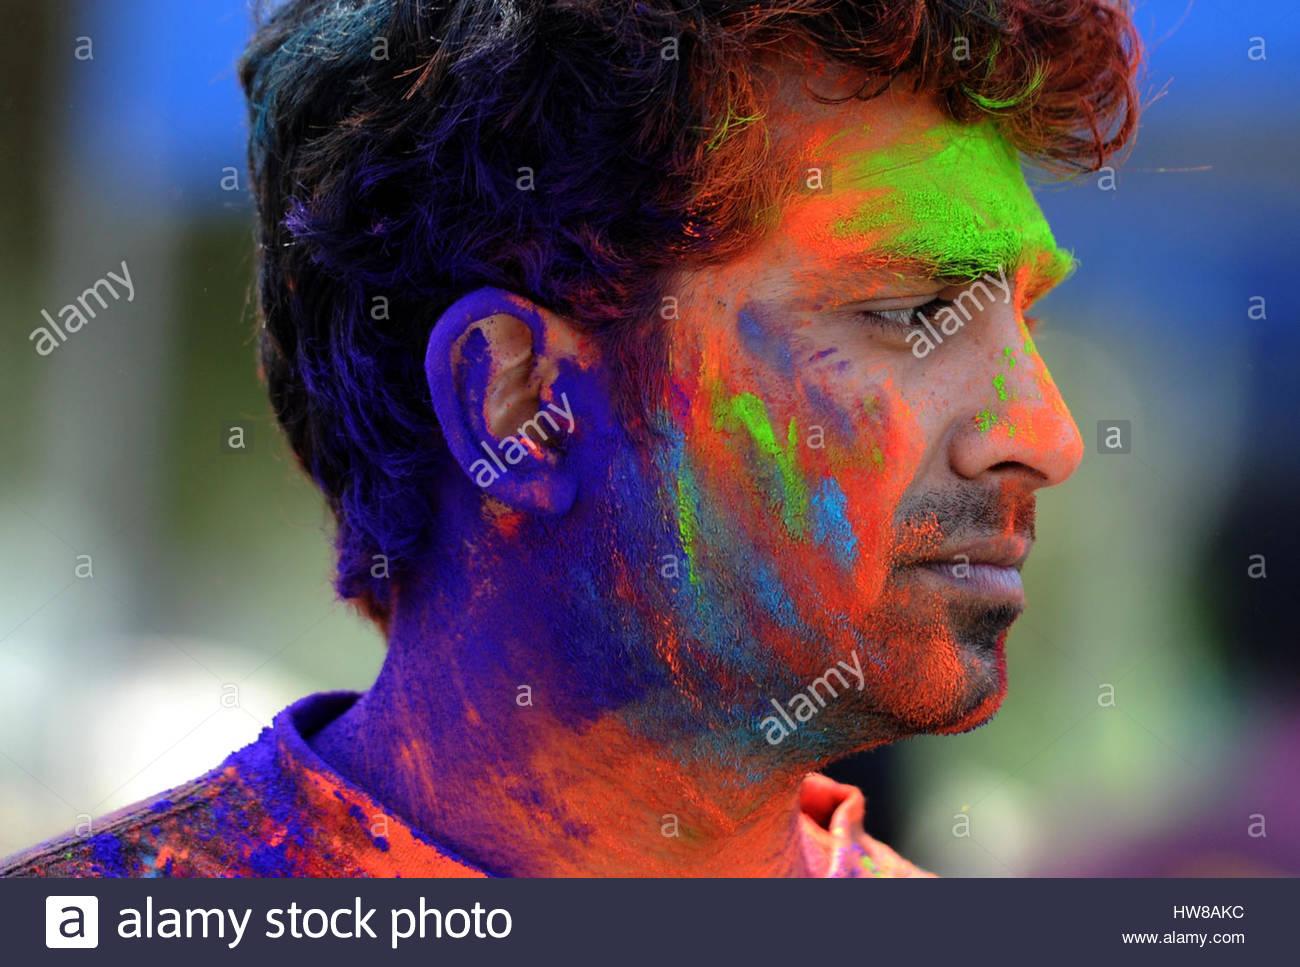 Pasadena, Kalifornien, USA. 18. März 2017. Menschen aller Altersgruppen haben Spaß während der Hindu Stockbild